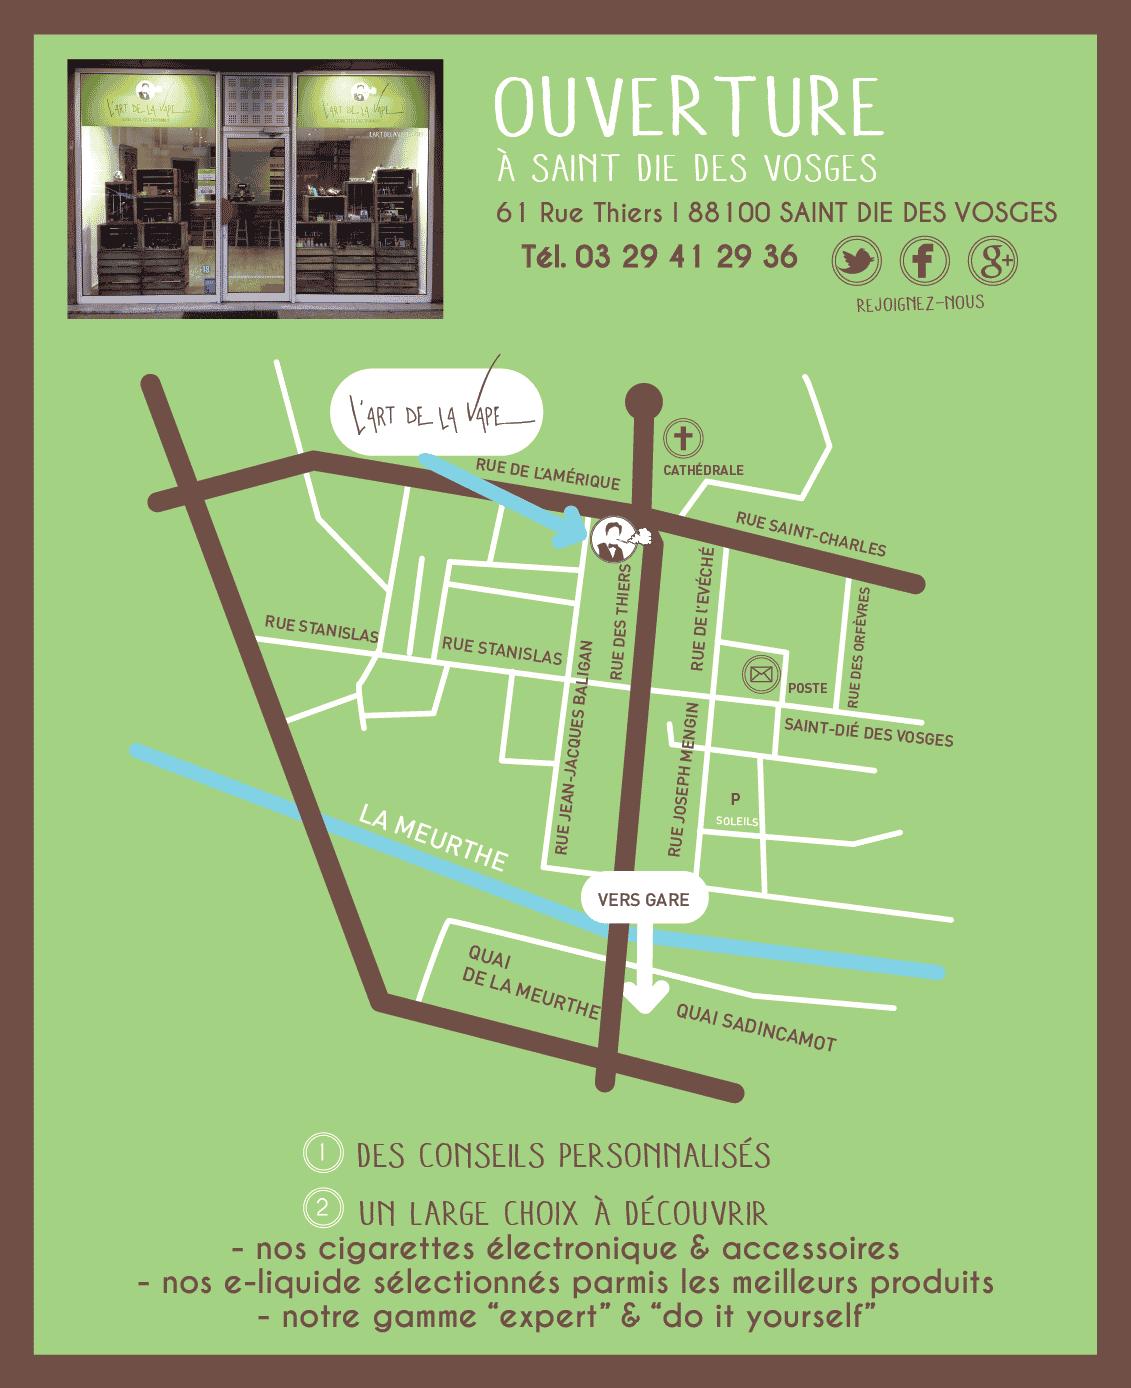 L'Art de la Vape - E-cigarettes, accessoires et E-liquides - Saint Dié des Vosges